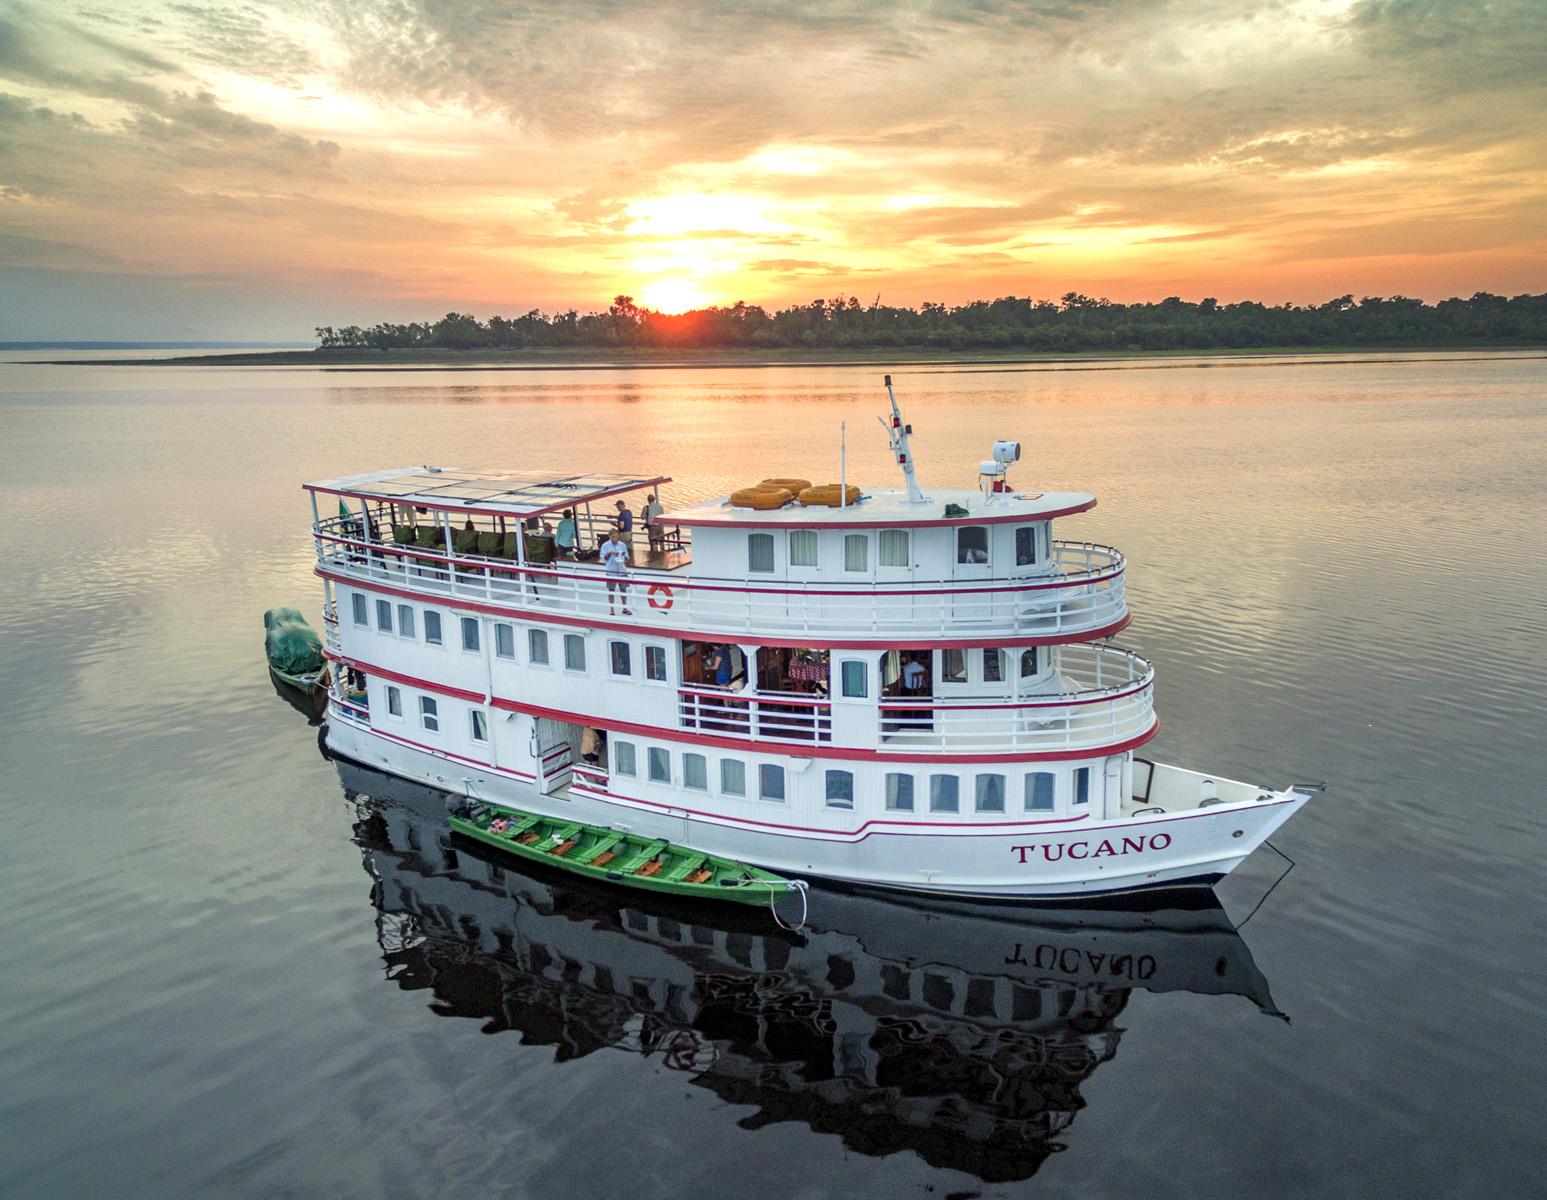 Manaus Toucano naturetours.com